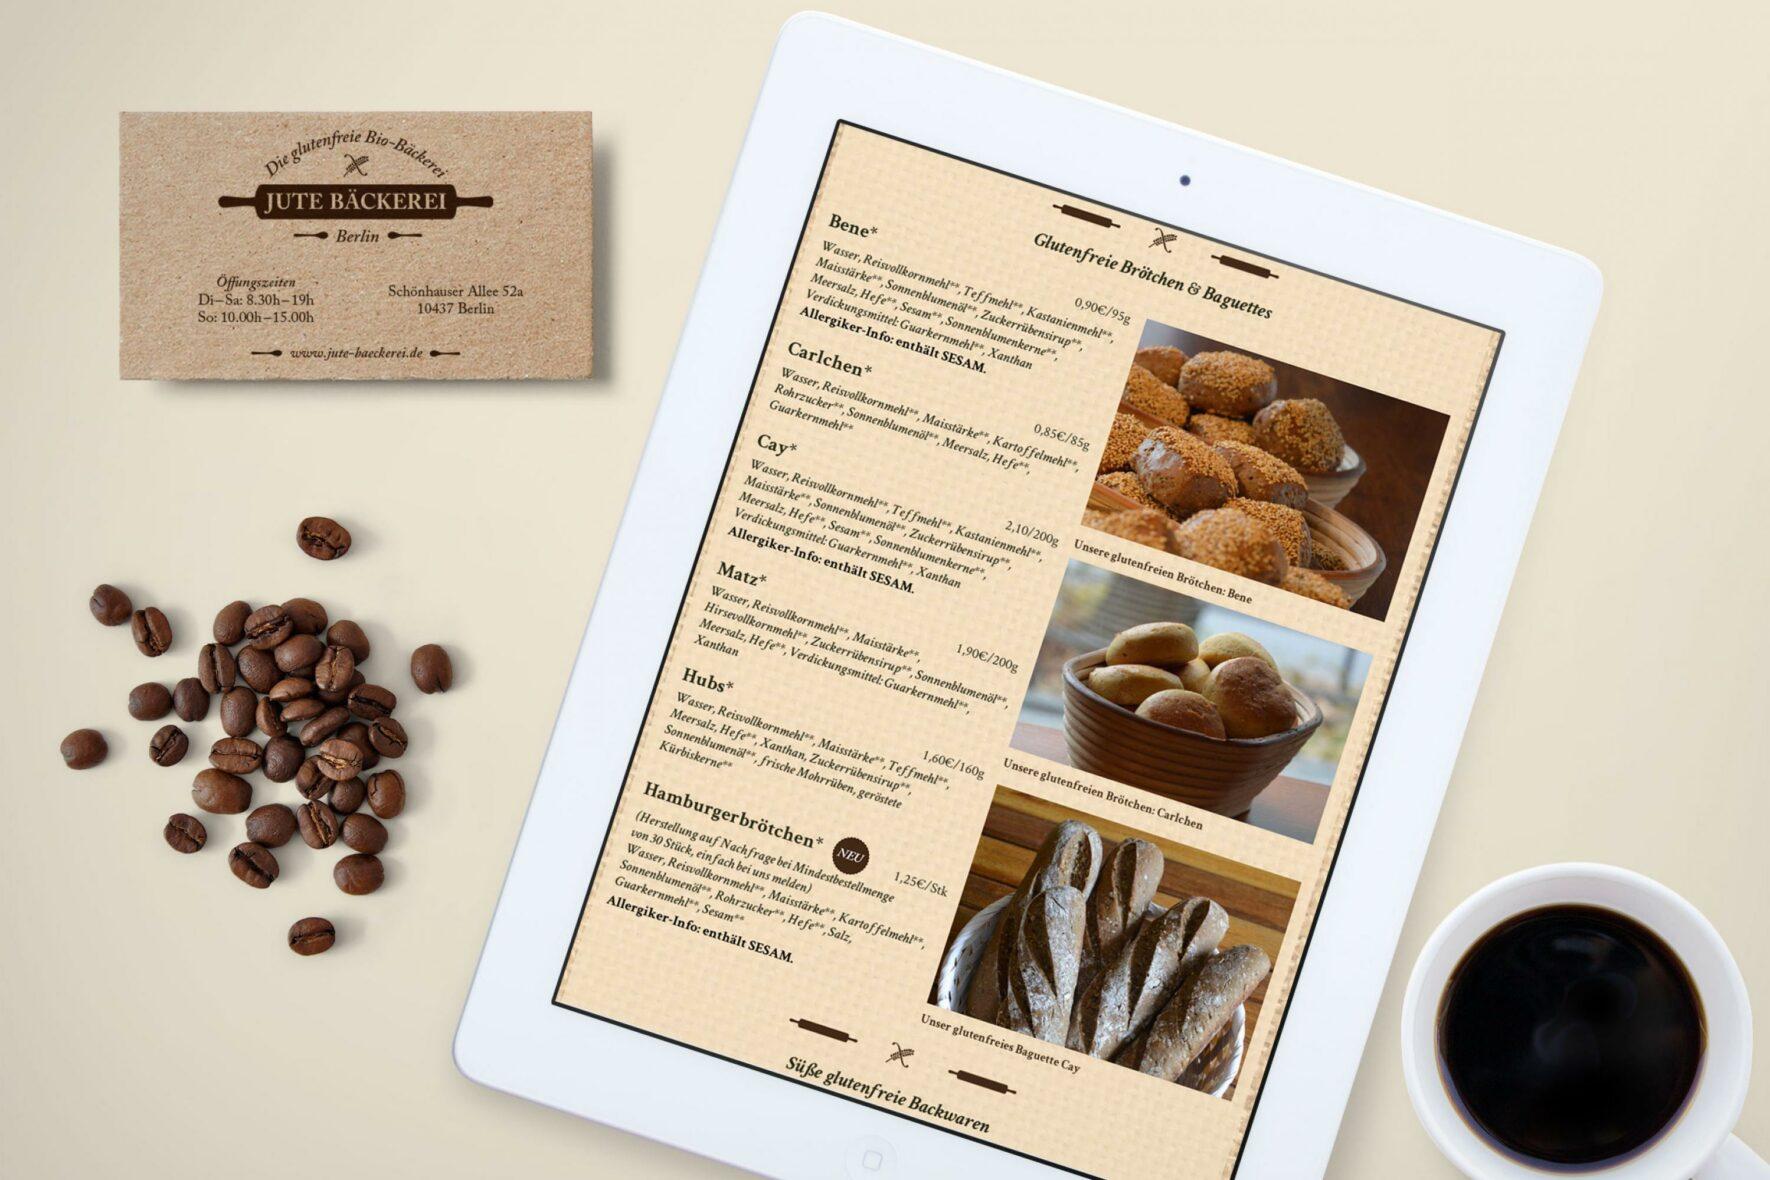 1Glutenfreie-Bäckerei-Berlin-Jute-Bäckerei-Corporate-Design-06-Webdesign